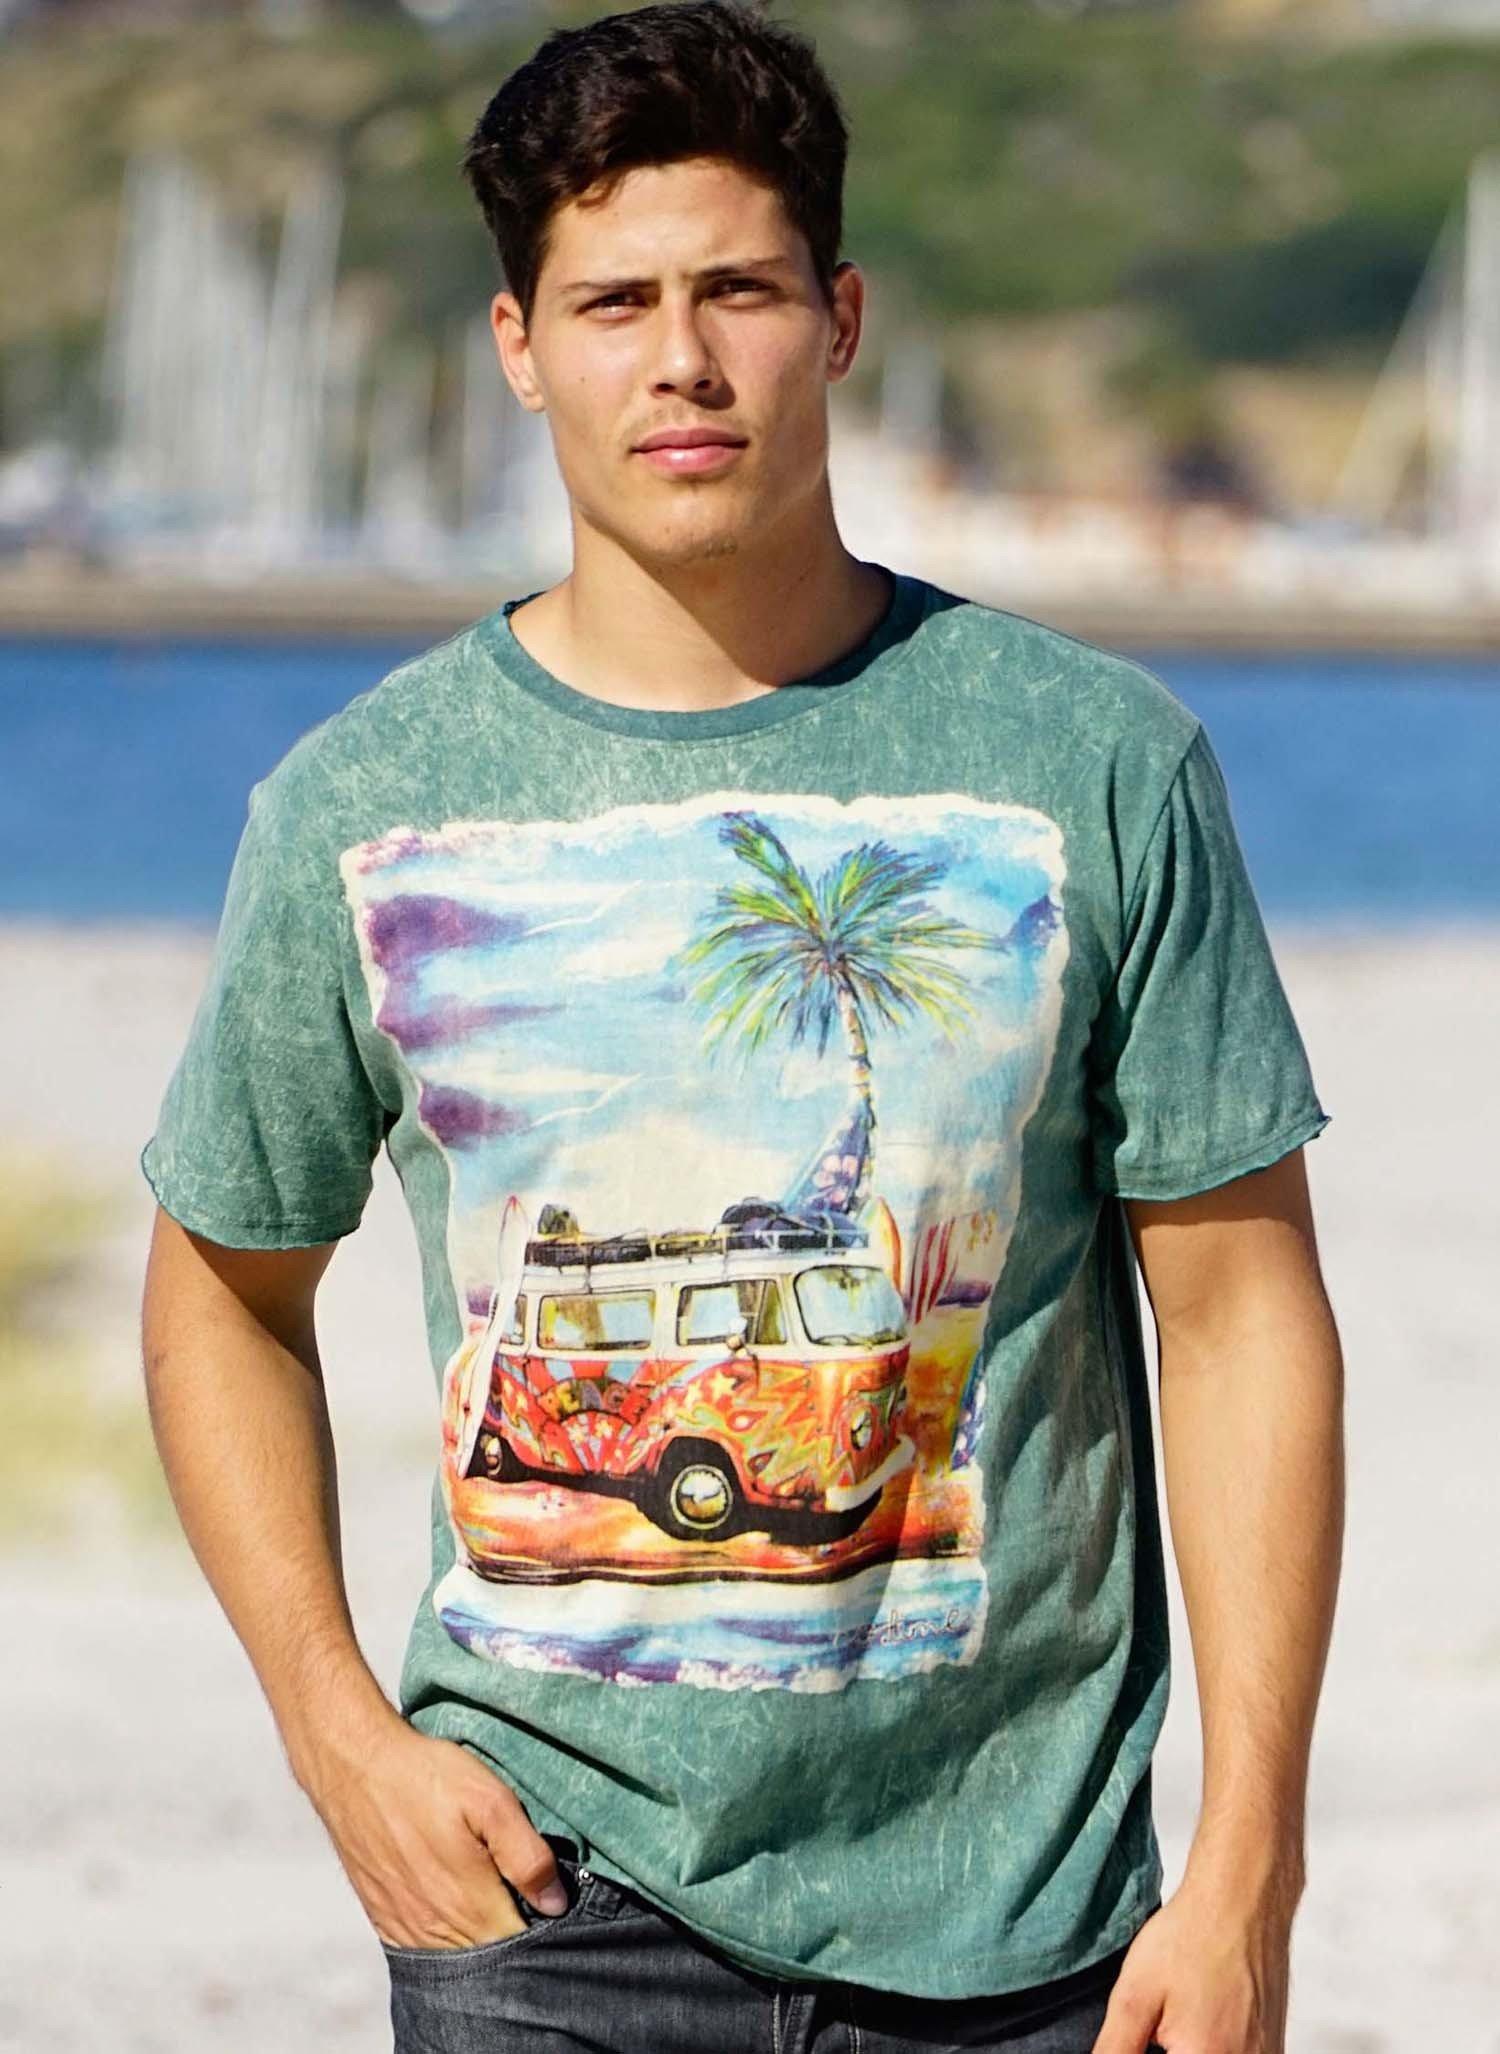 H-KA-Shirt,VW-Bus grün L 059 - 1 - Ronja.ch